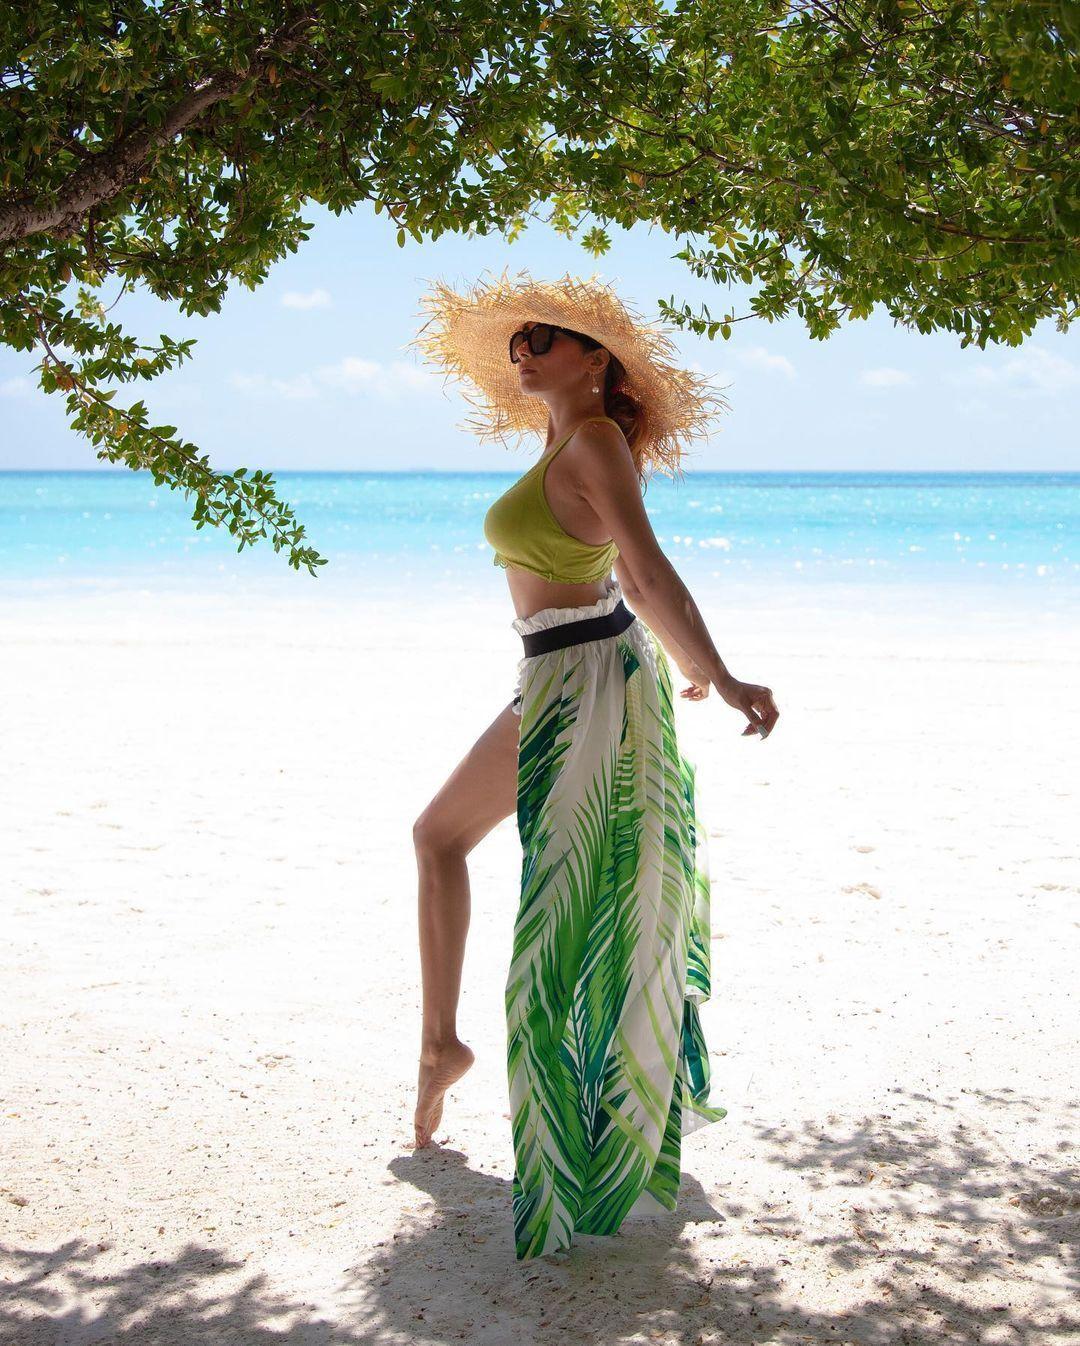 उतरन' की 'इच्छा' Tina Dutta की इन तस्वीरों ने मचाया तहलका, कमबख्त माहौल ही  कातिलाना कर दिया - Tina datta flaunts curves in bikini see utran fame  actress bold hot pics -